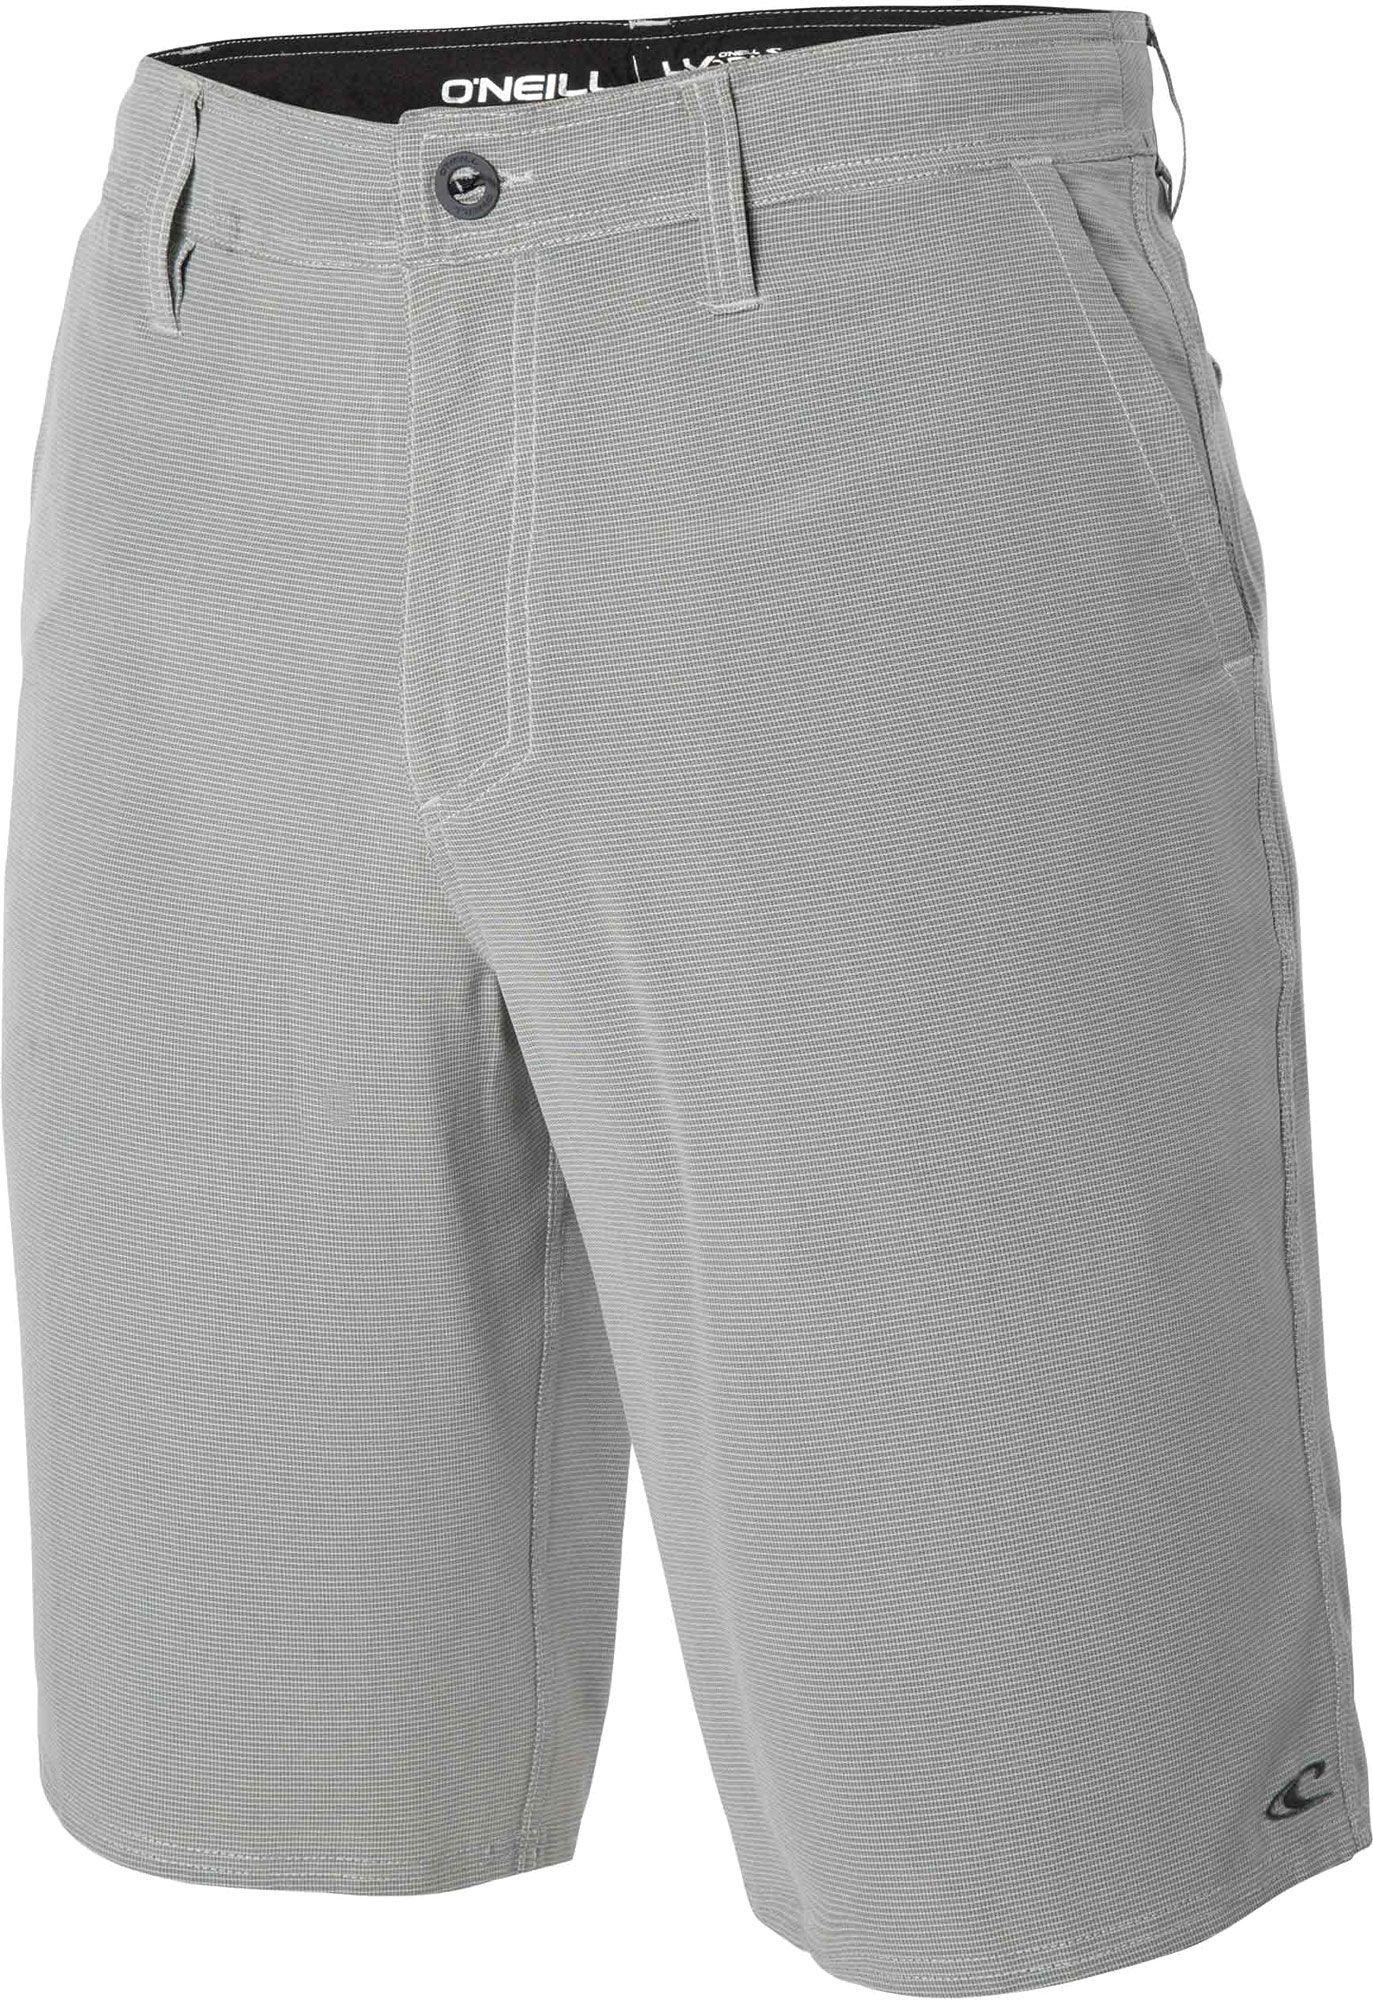 O'Neill Men's Loaded Check Hybrid Shorts,